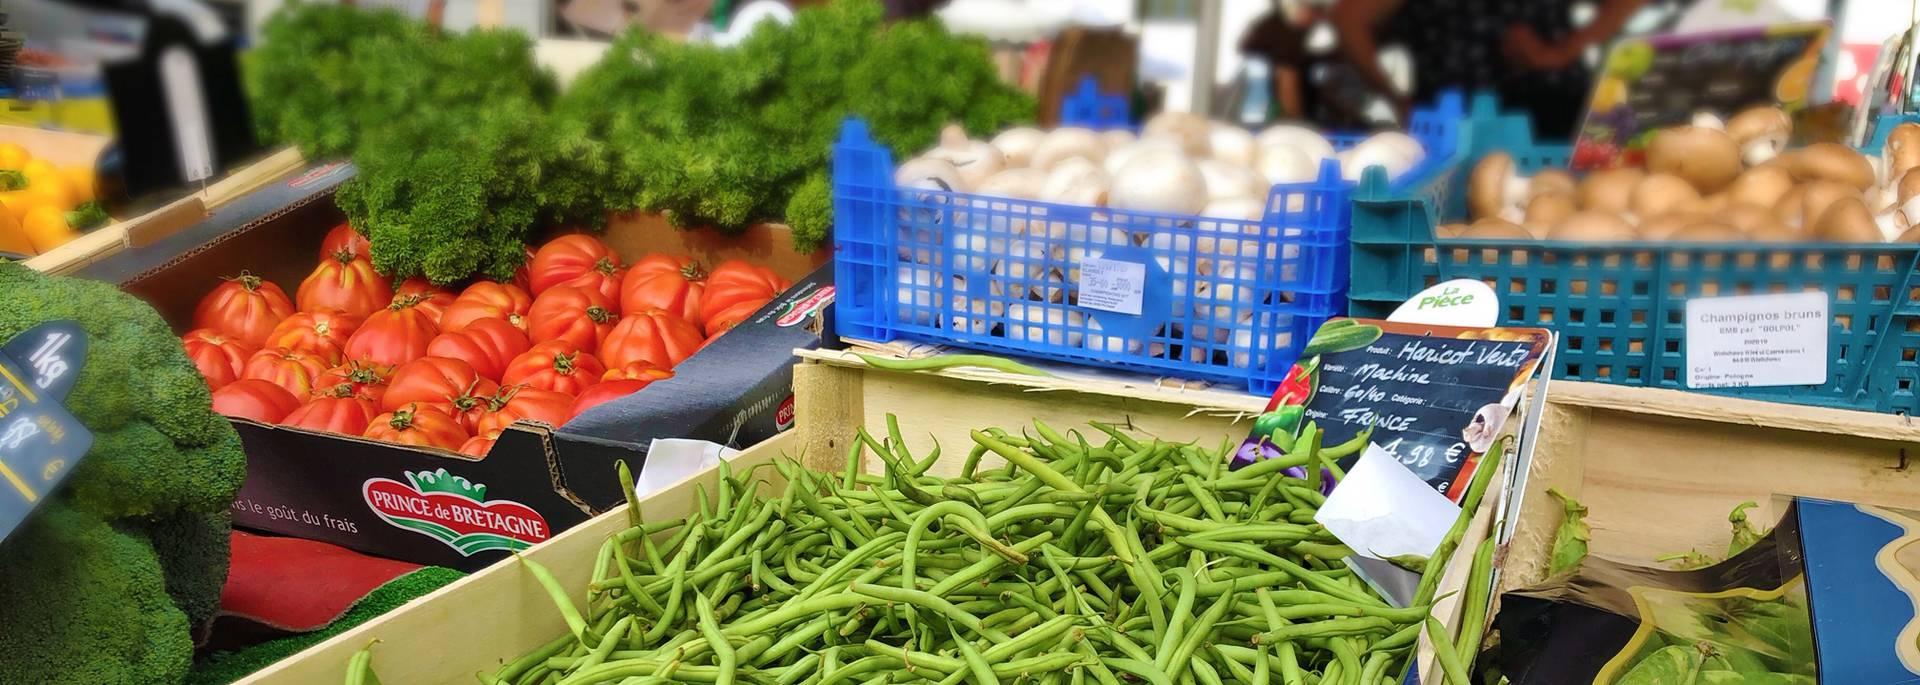 Les marchés - Crédit photo : Marie-Laura Grosse